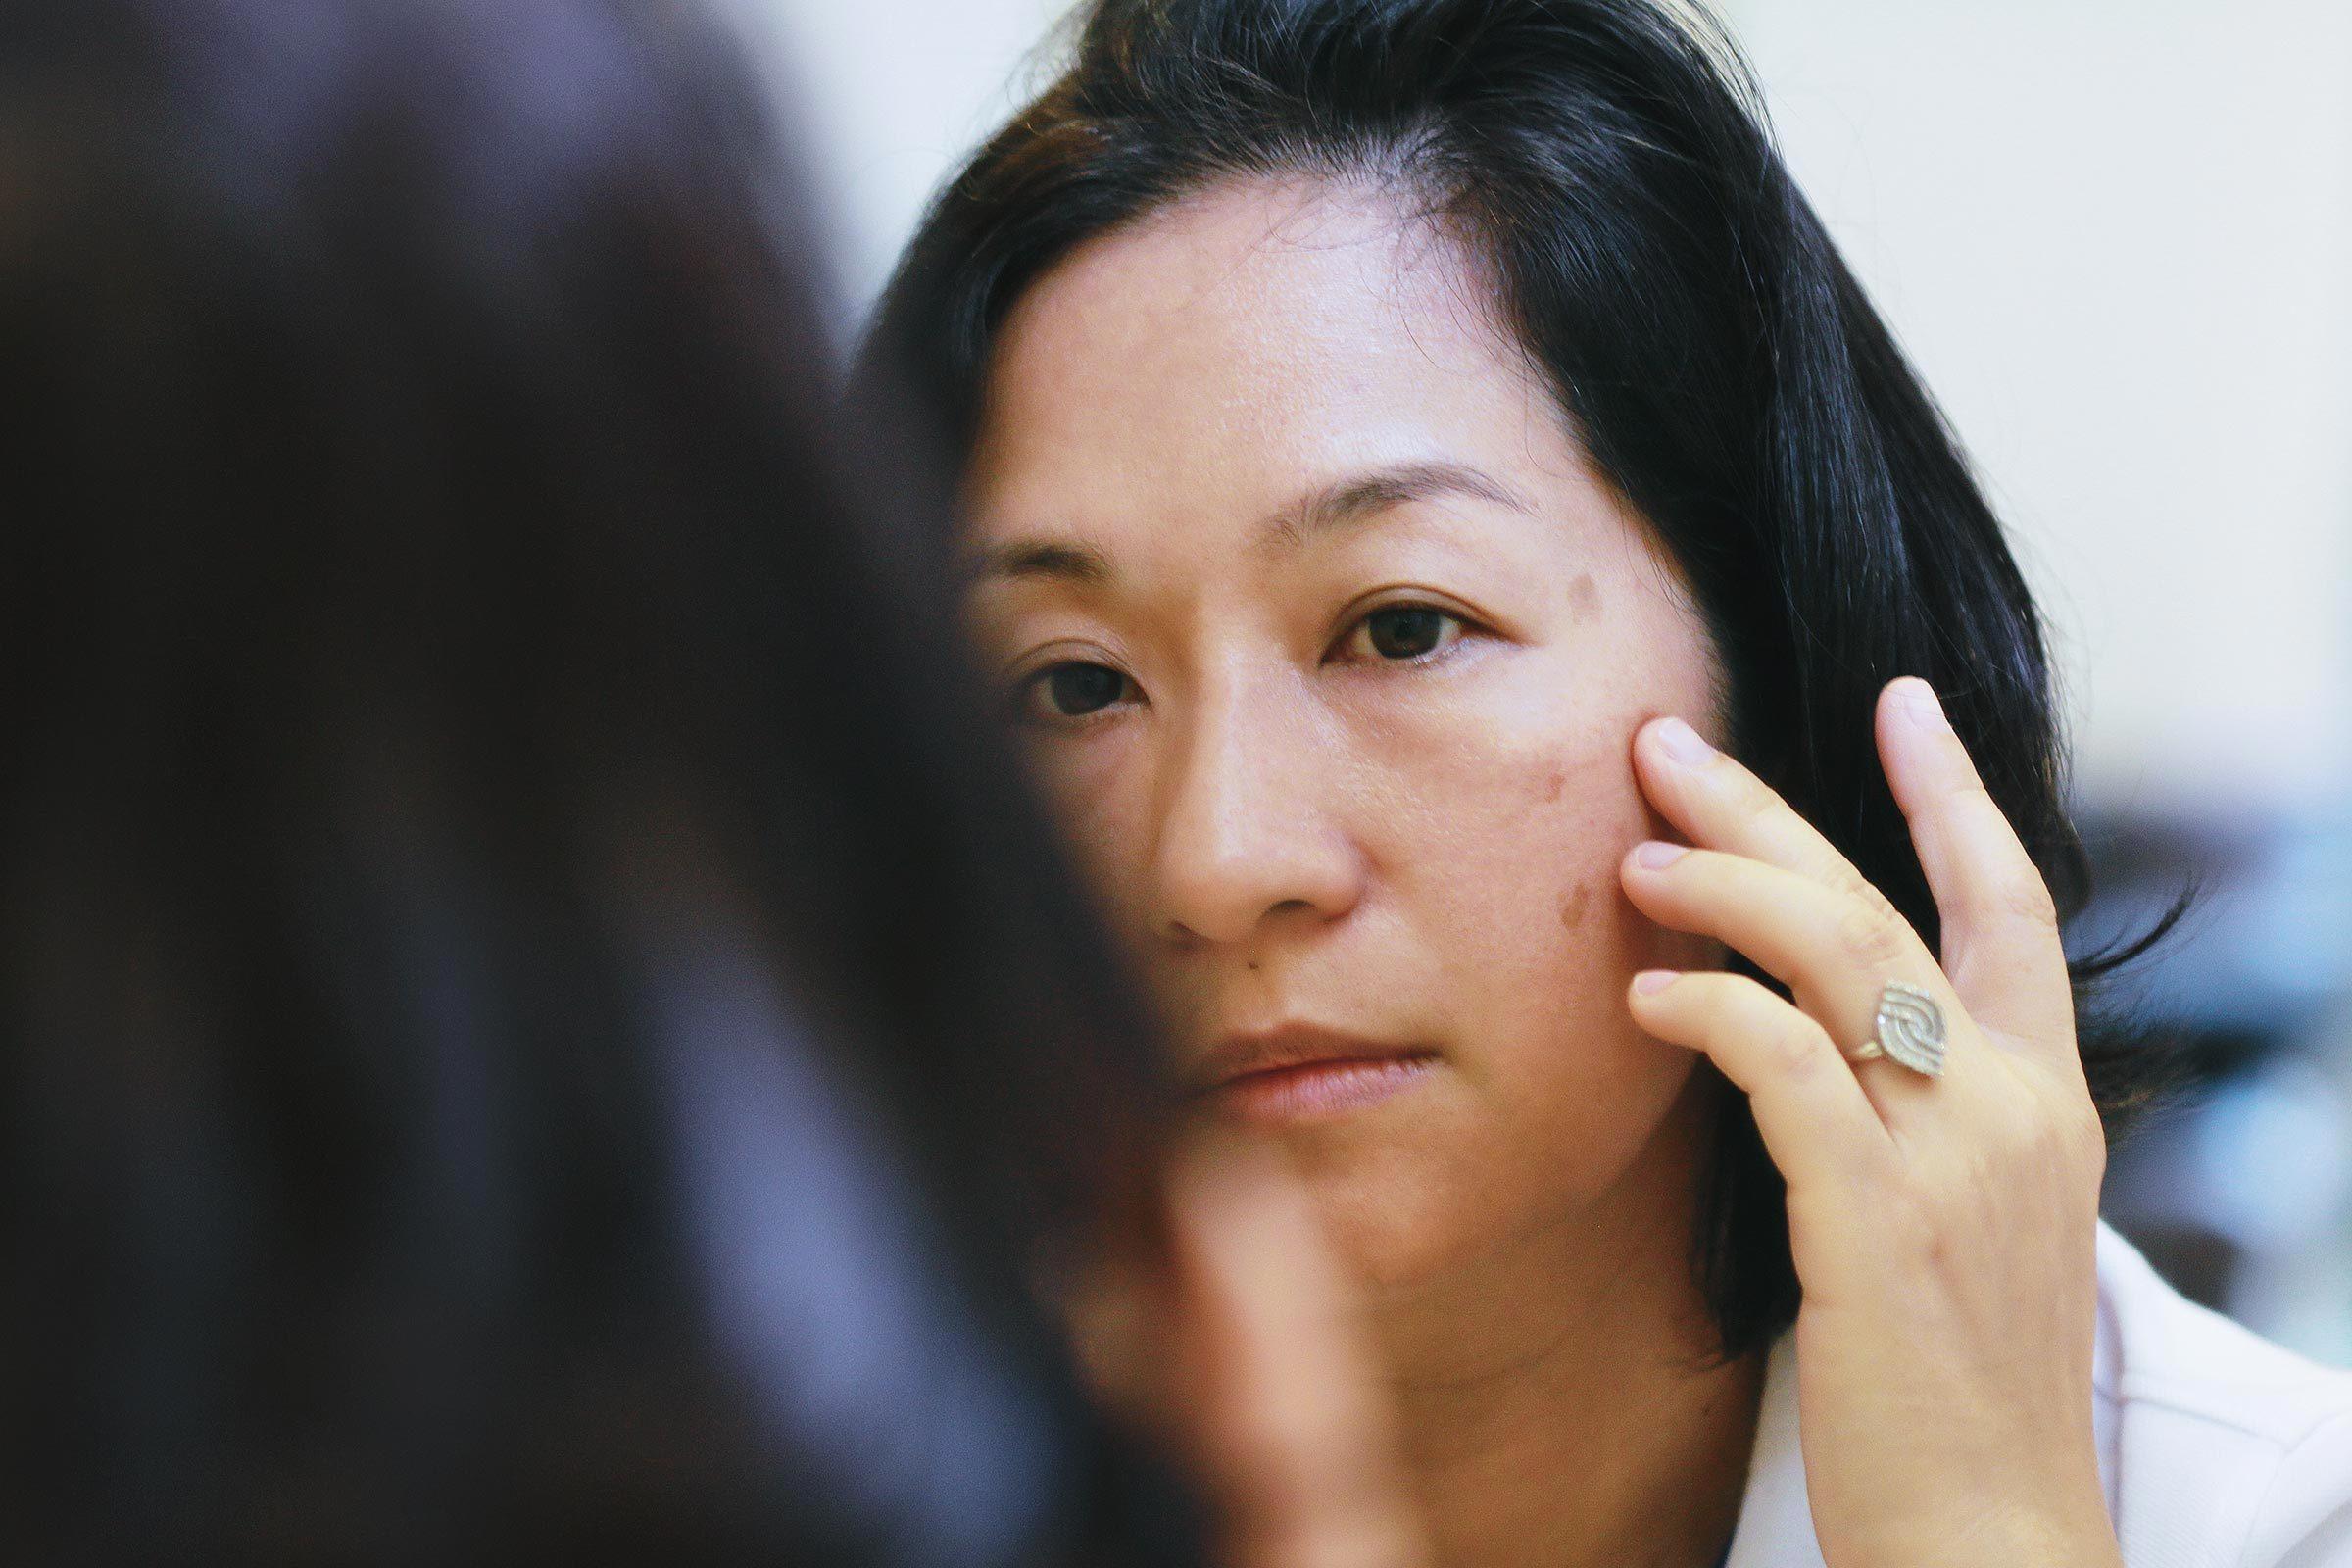 Symptôme d'anémie : vous avez le teint plus pâle.